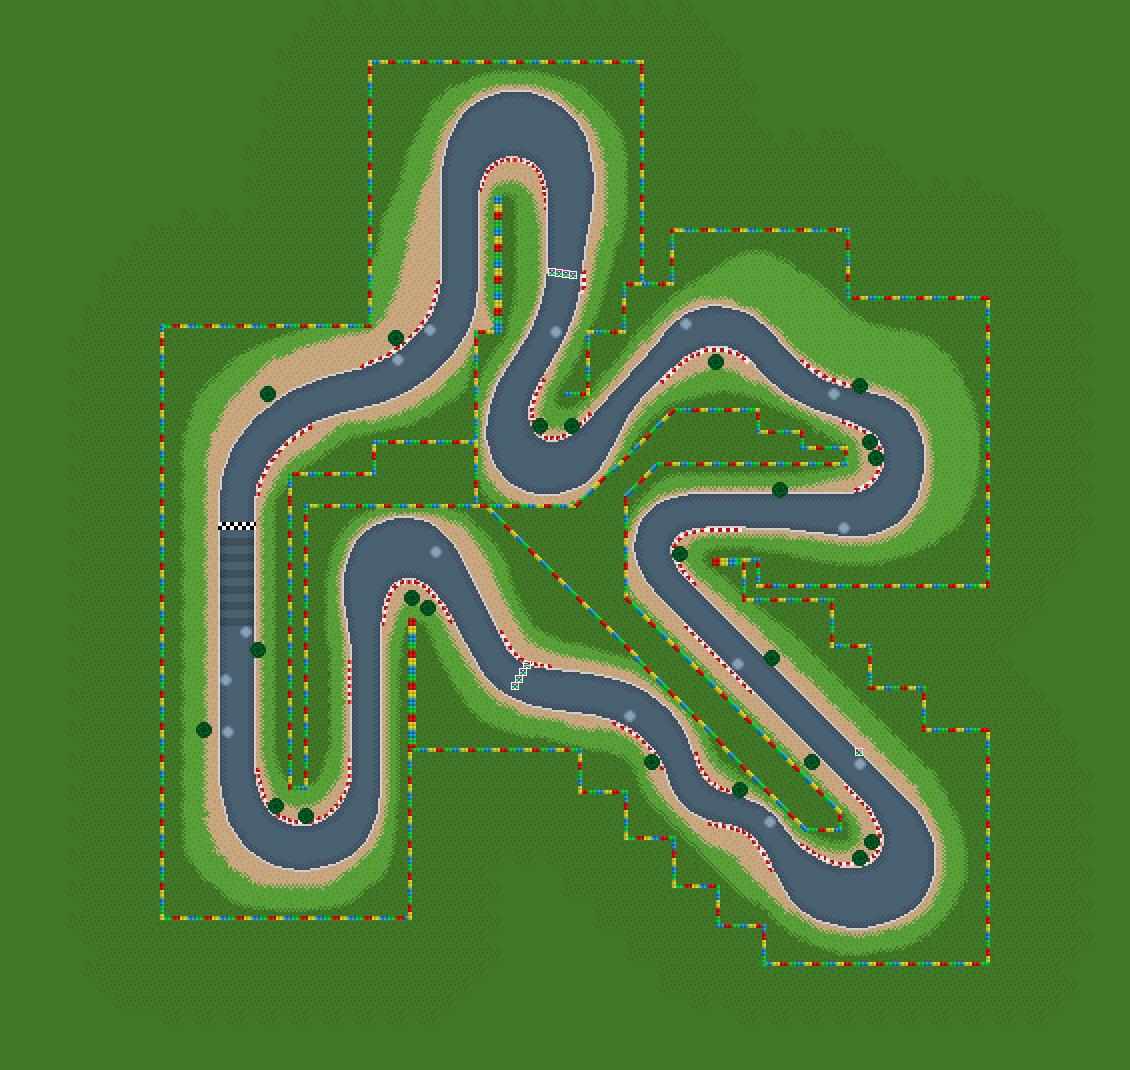 Circuito Karts : Imagen circuito mario kart fandom powered by wikia